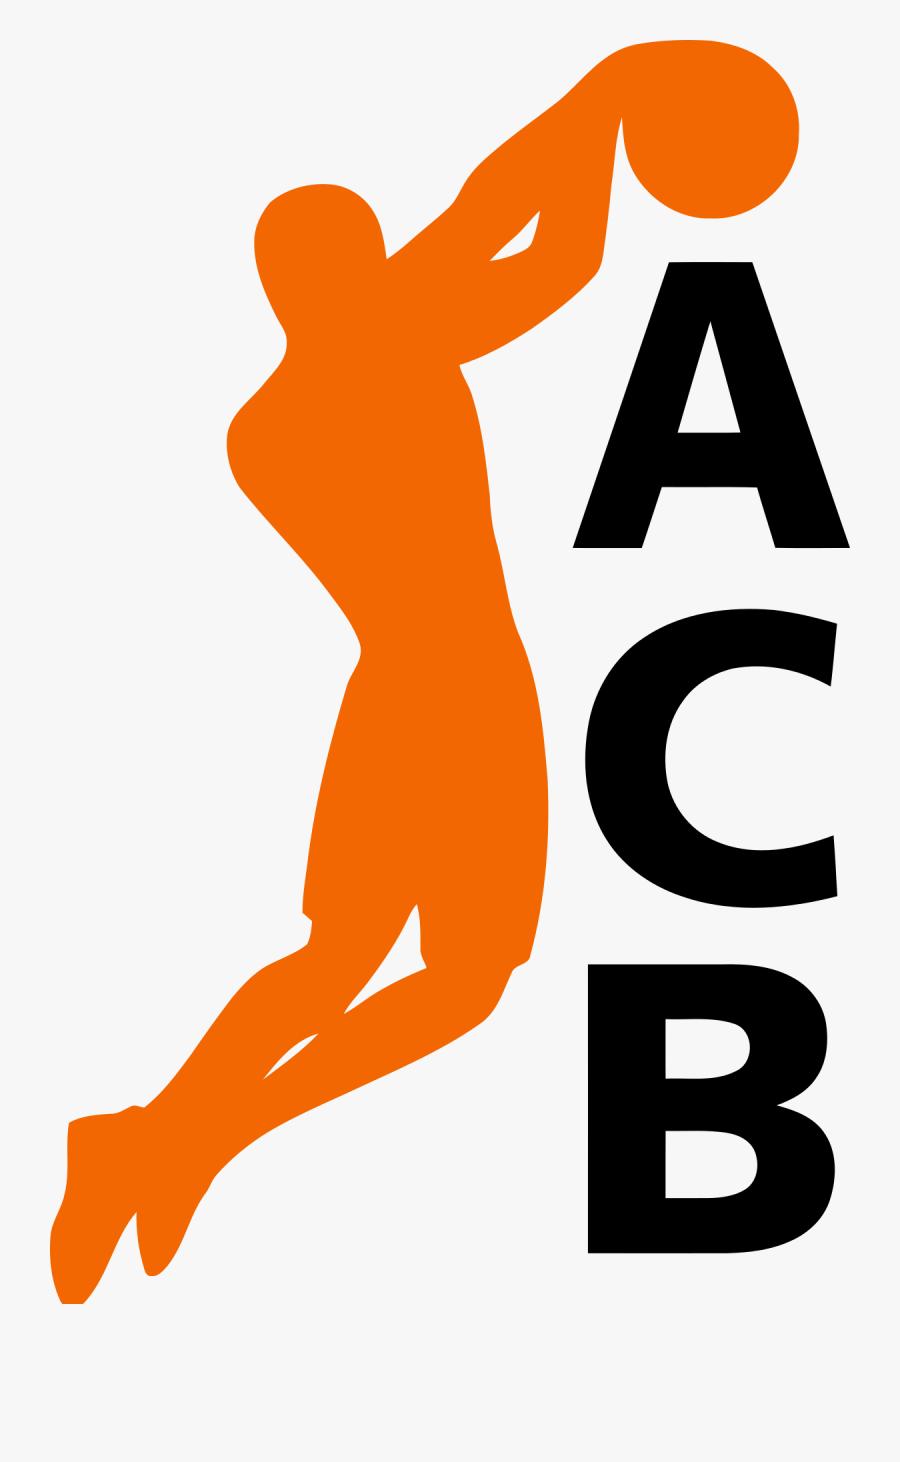 Liga Española De Baloncesto - Liga Espanhola De Basquete, Transparent Clipart